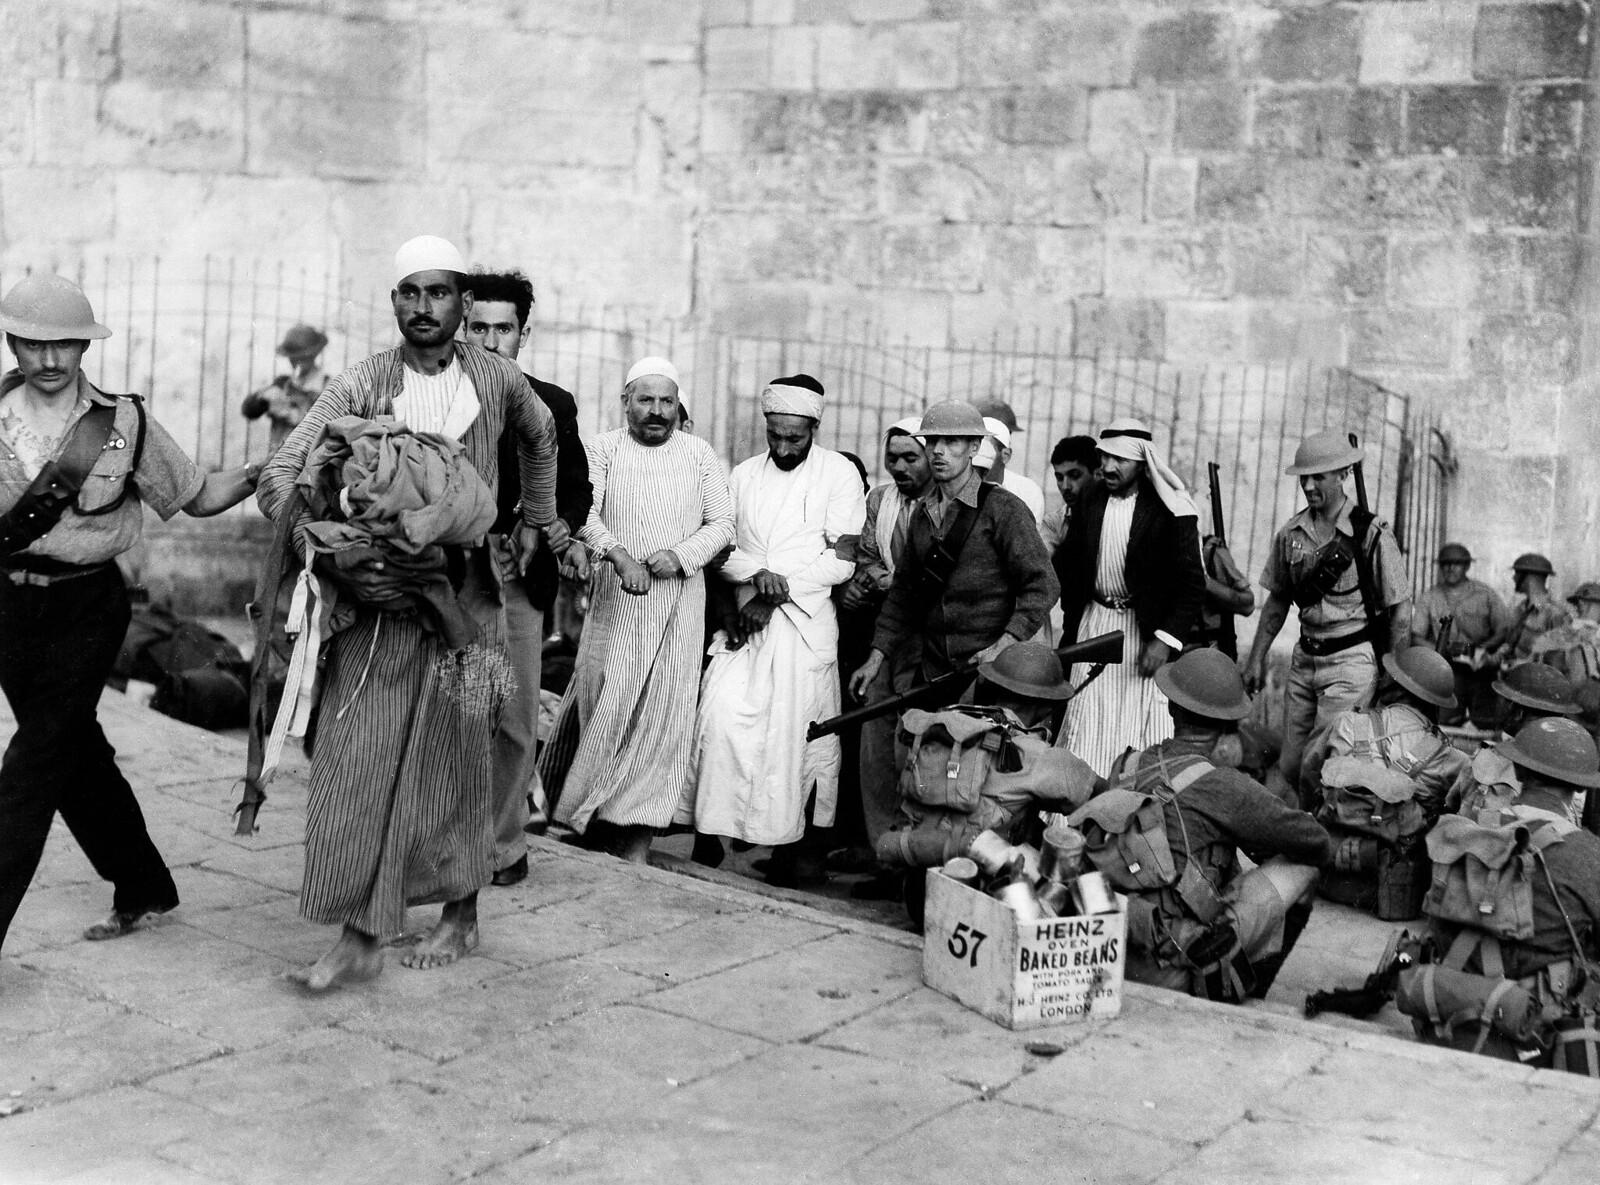 05. Арестованных арабов уводят британские военные из старого города в Иерусалиме